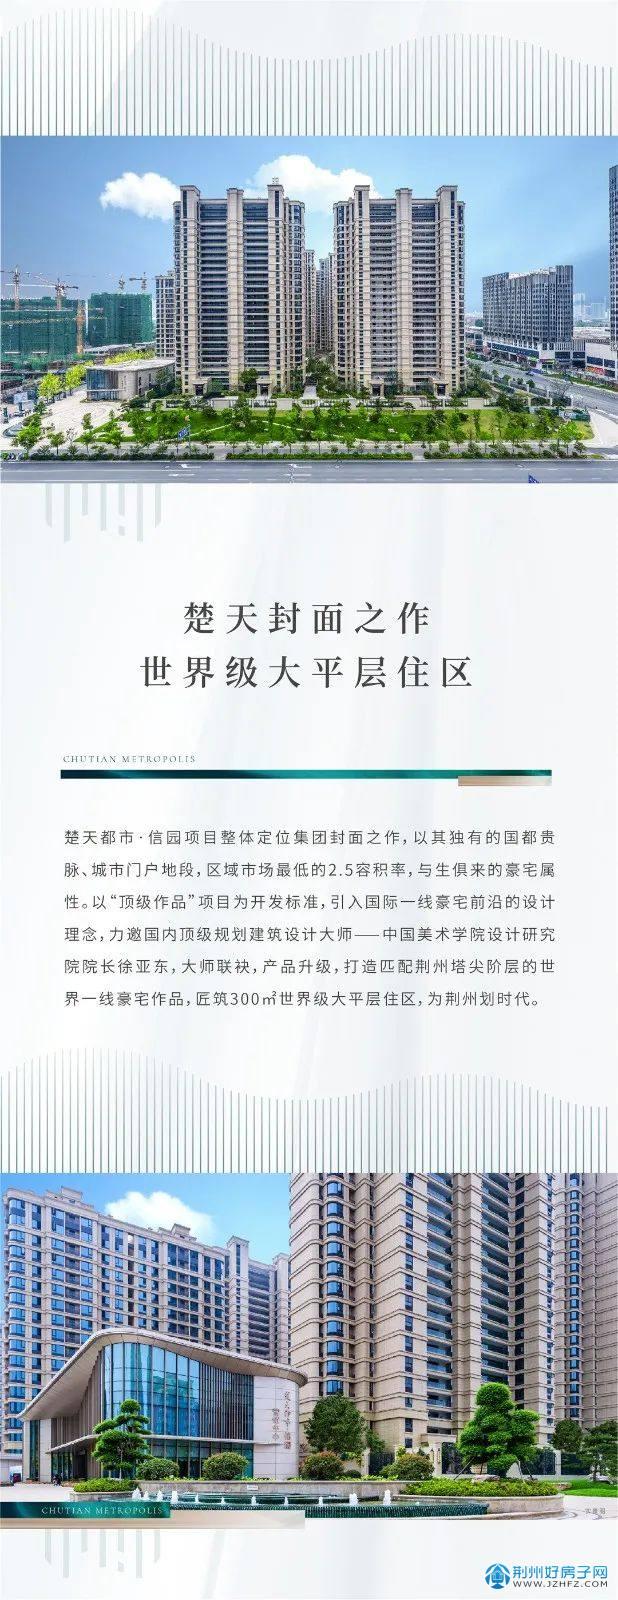 楚天都市信园|荆州首个300㎡奢装样板间耀世开放